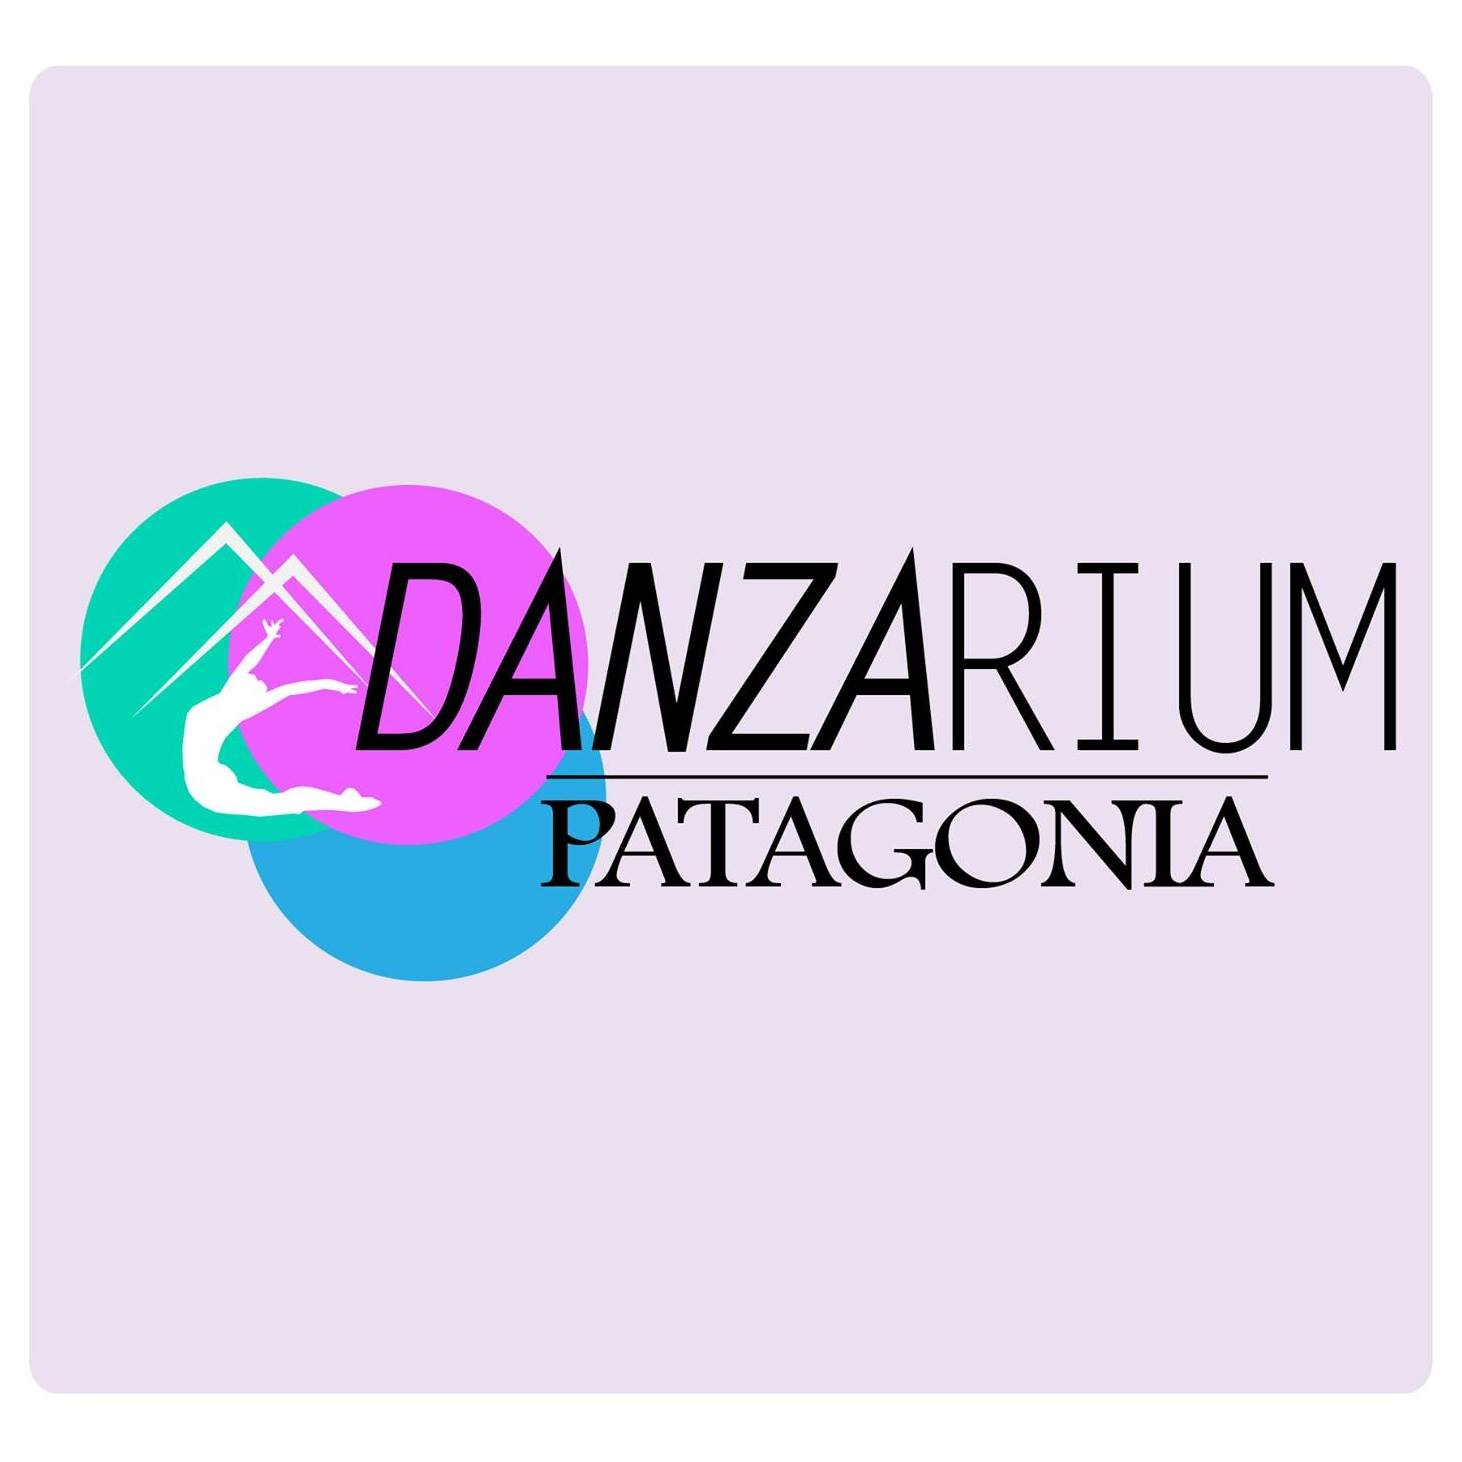 Danzarium Patagonia